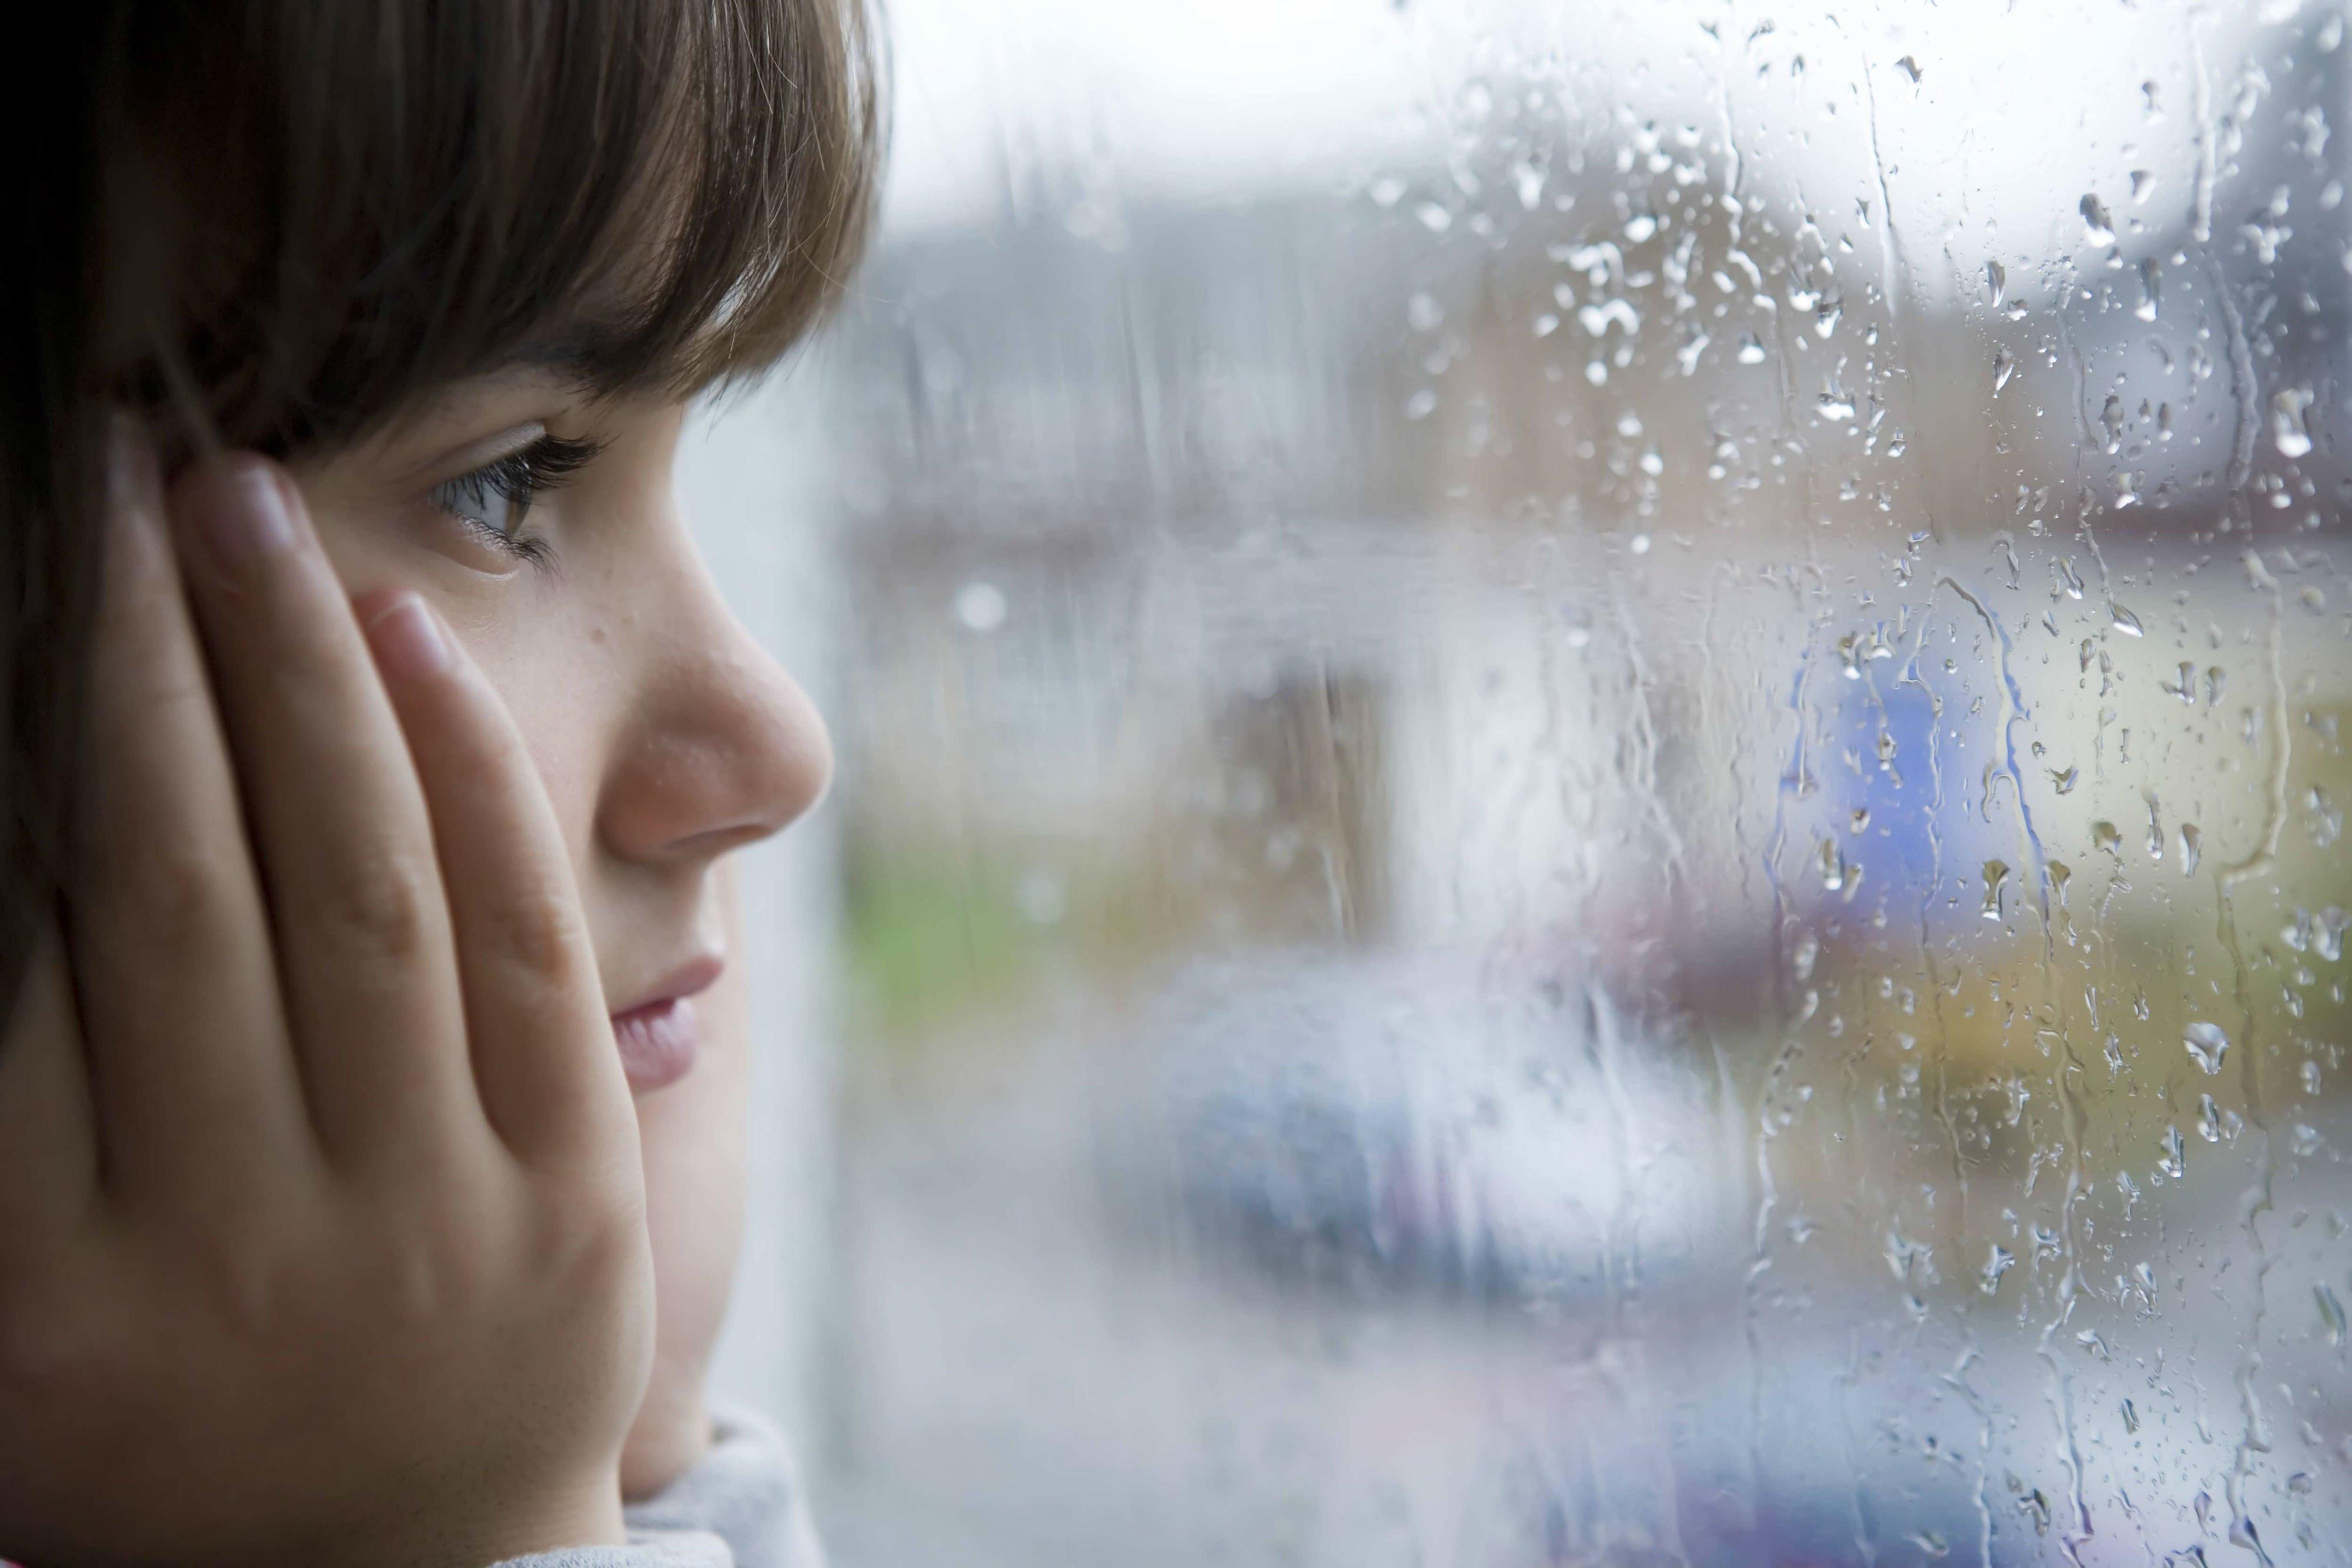 она очень картинки сижу у окна дождь после стрелки